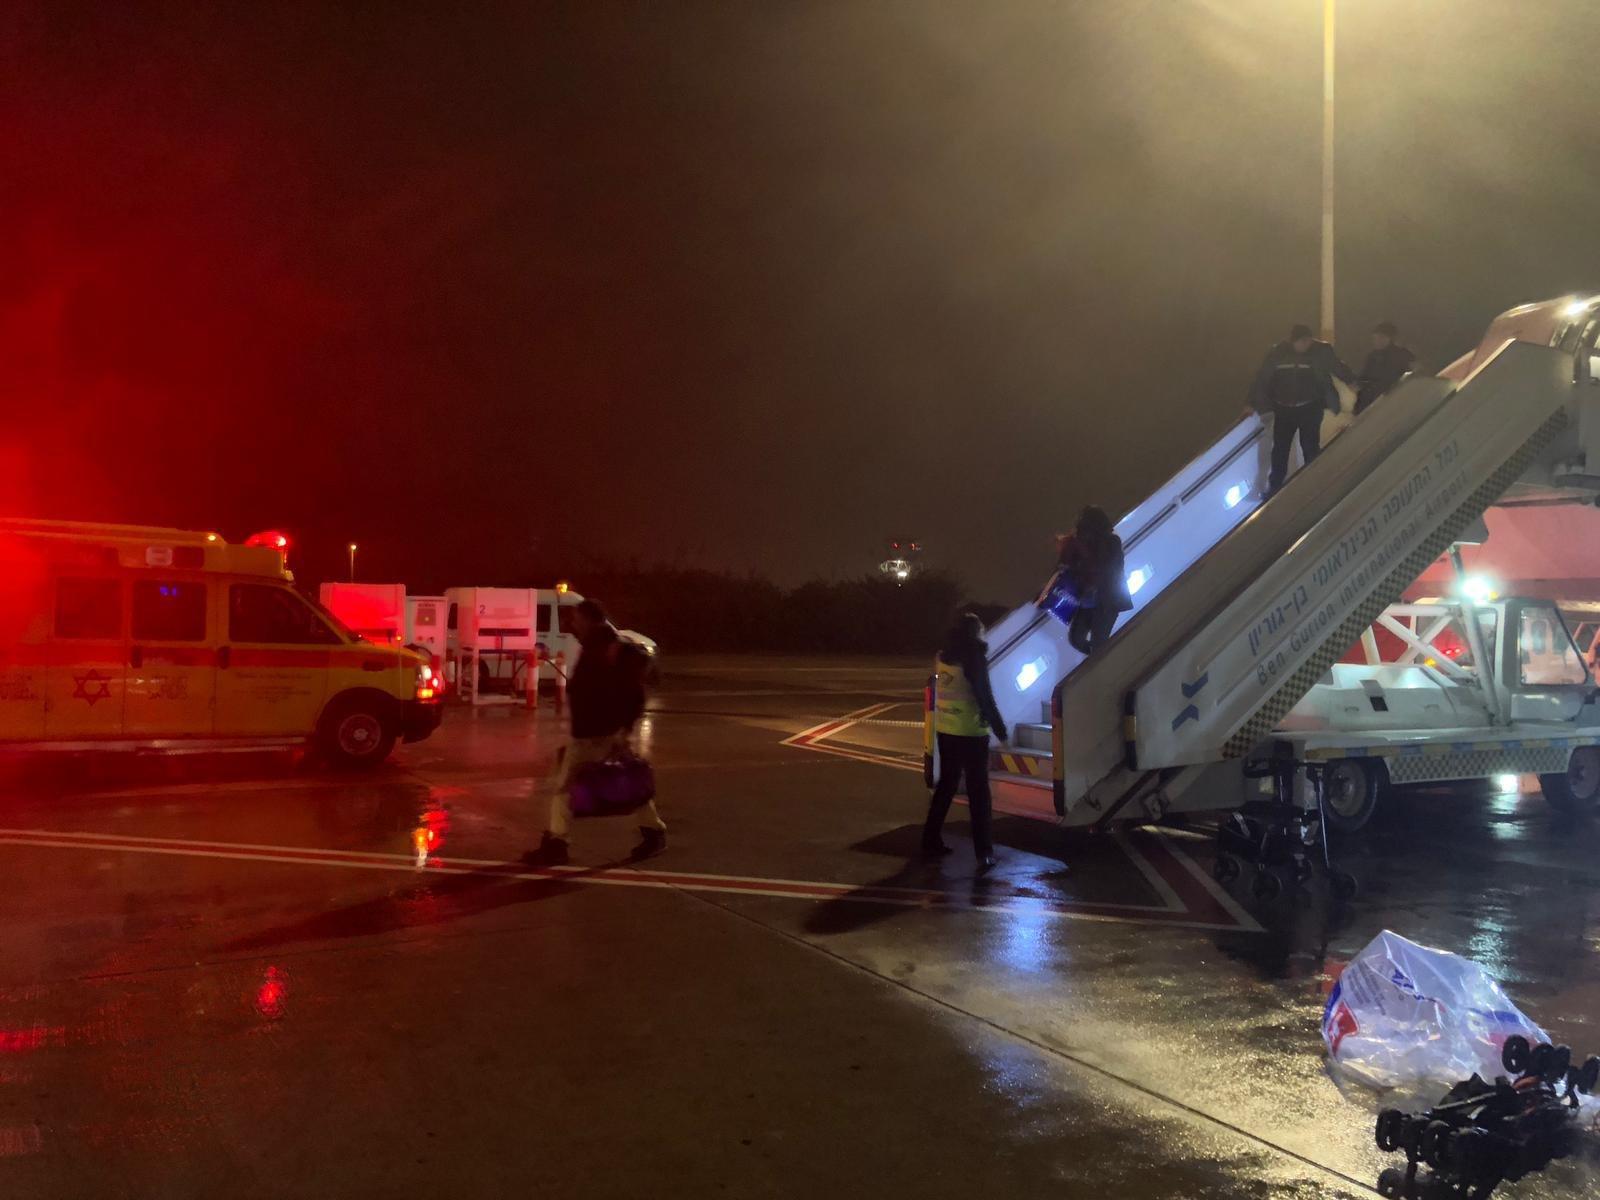 وصول جثمان المرحوم يوسف صبحي غول الى البلاد على متن طائرة